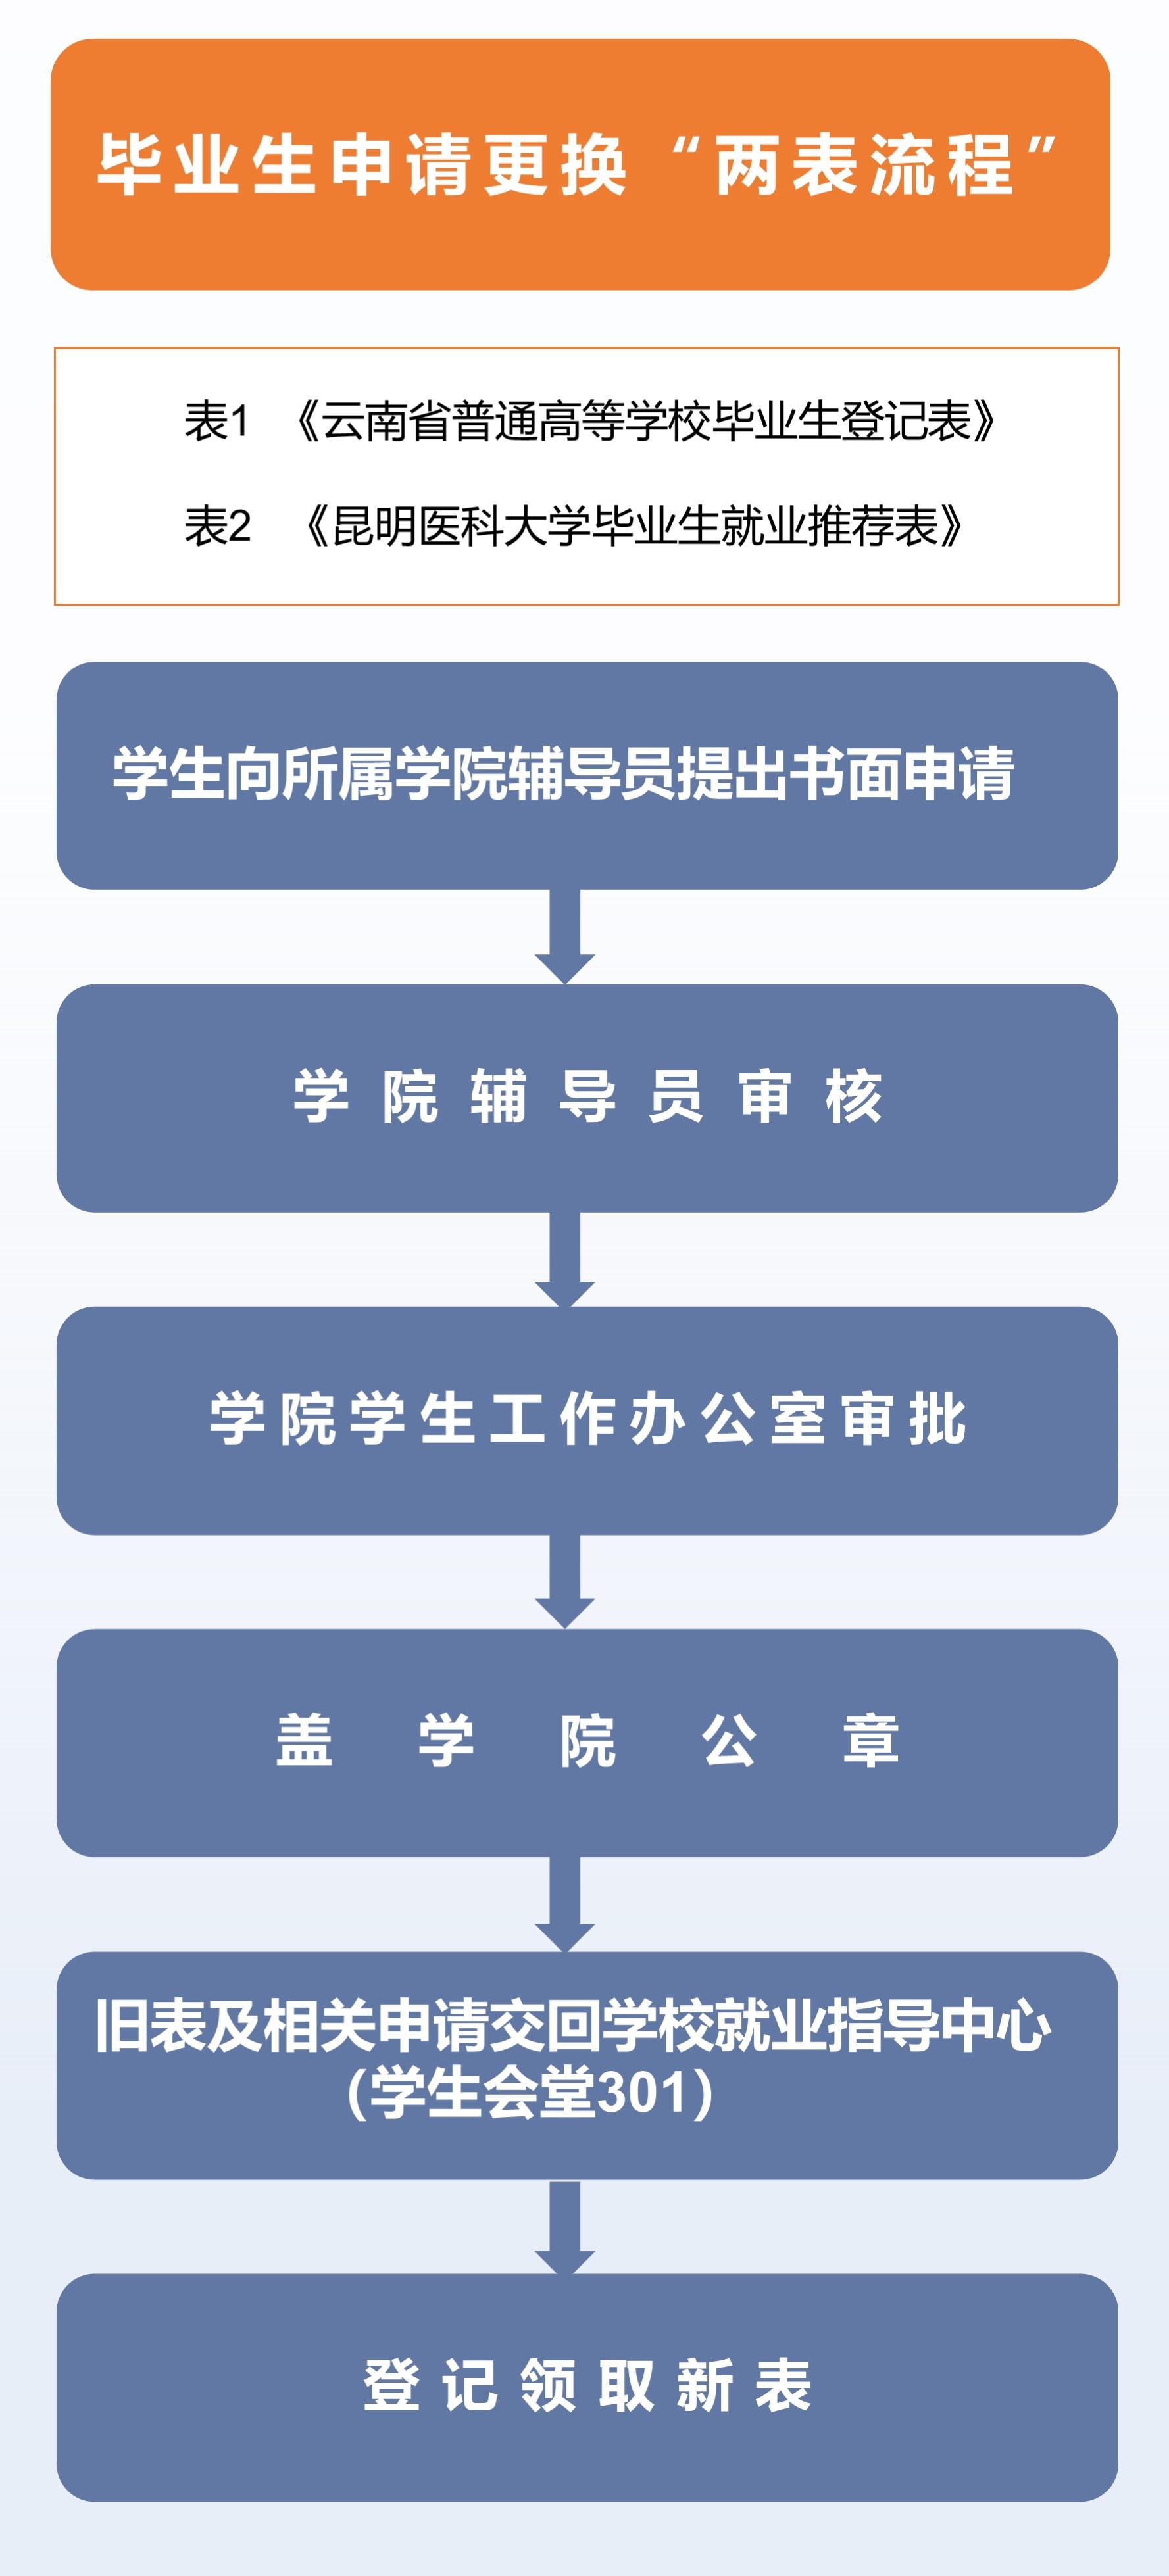 两表更换流程.jpg